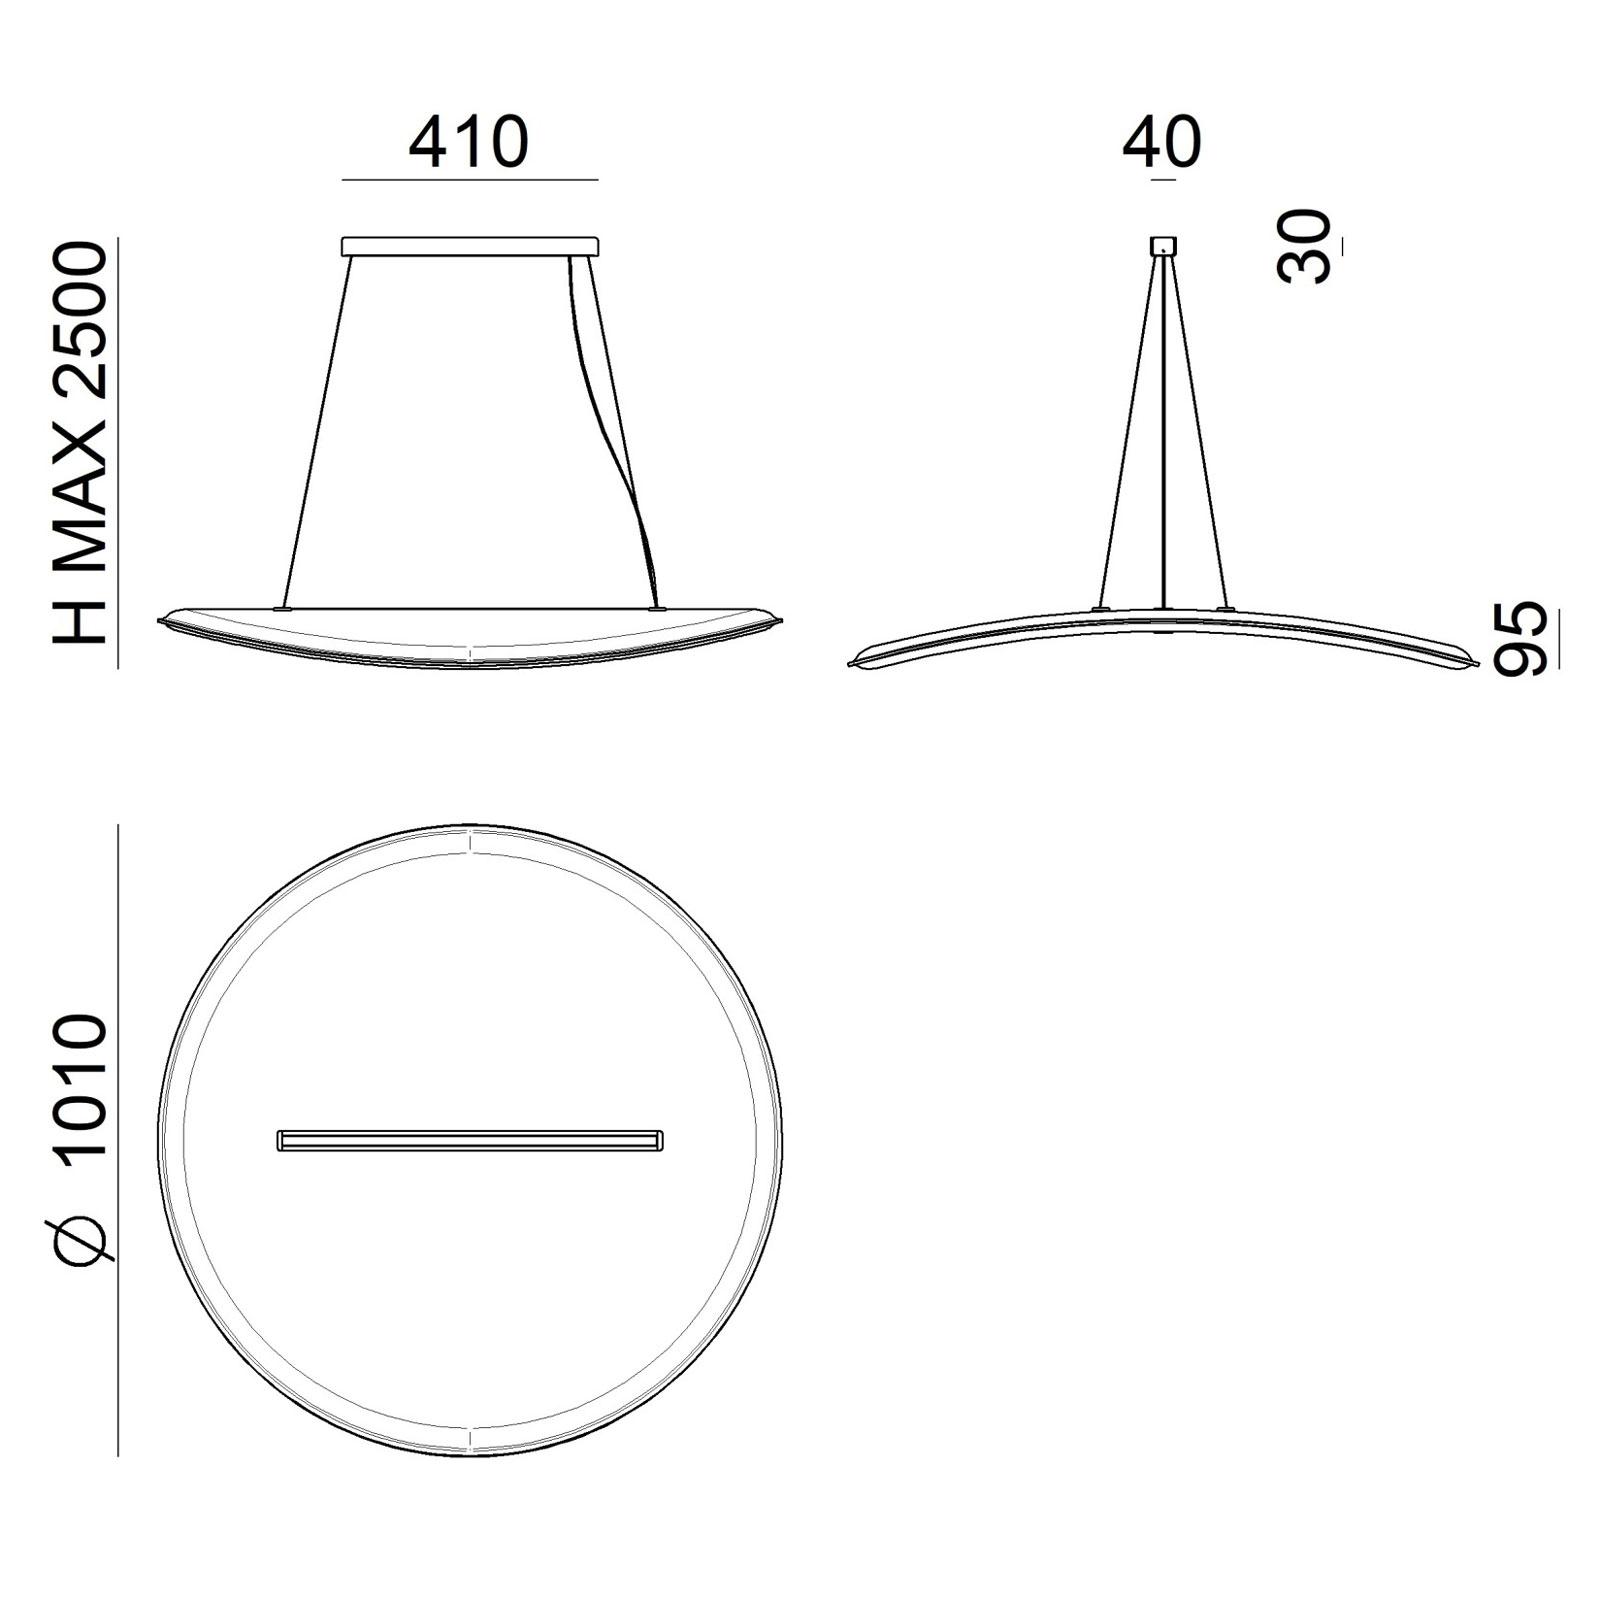 LED-Hängelampe Derby, Darklight-Filter, braun